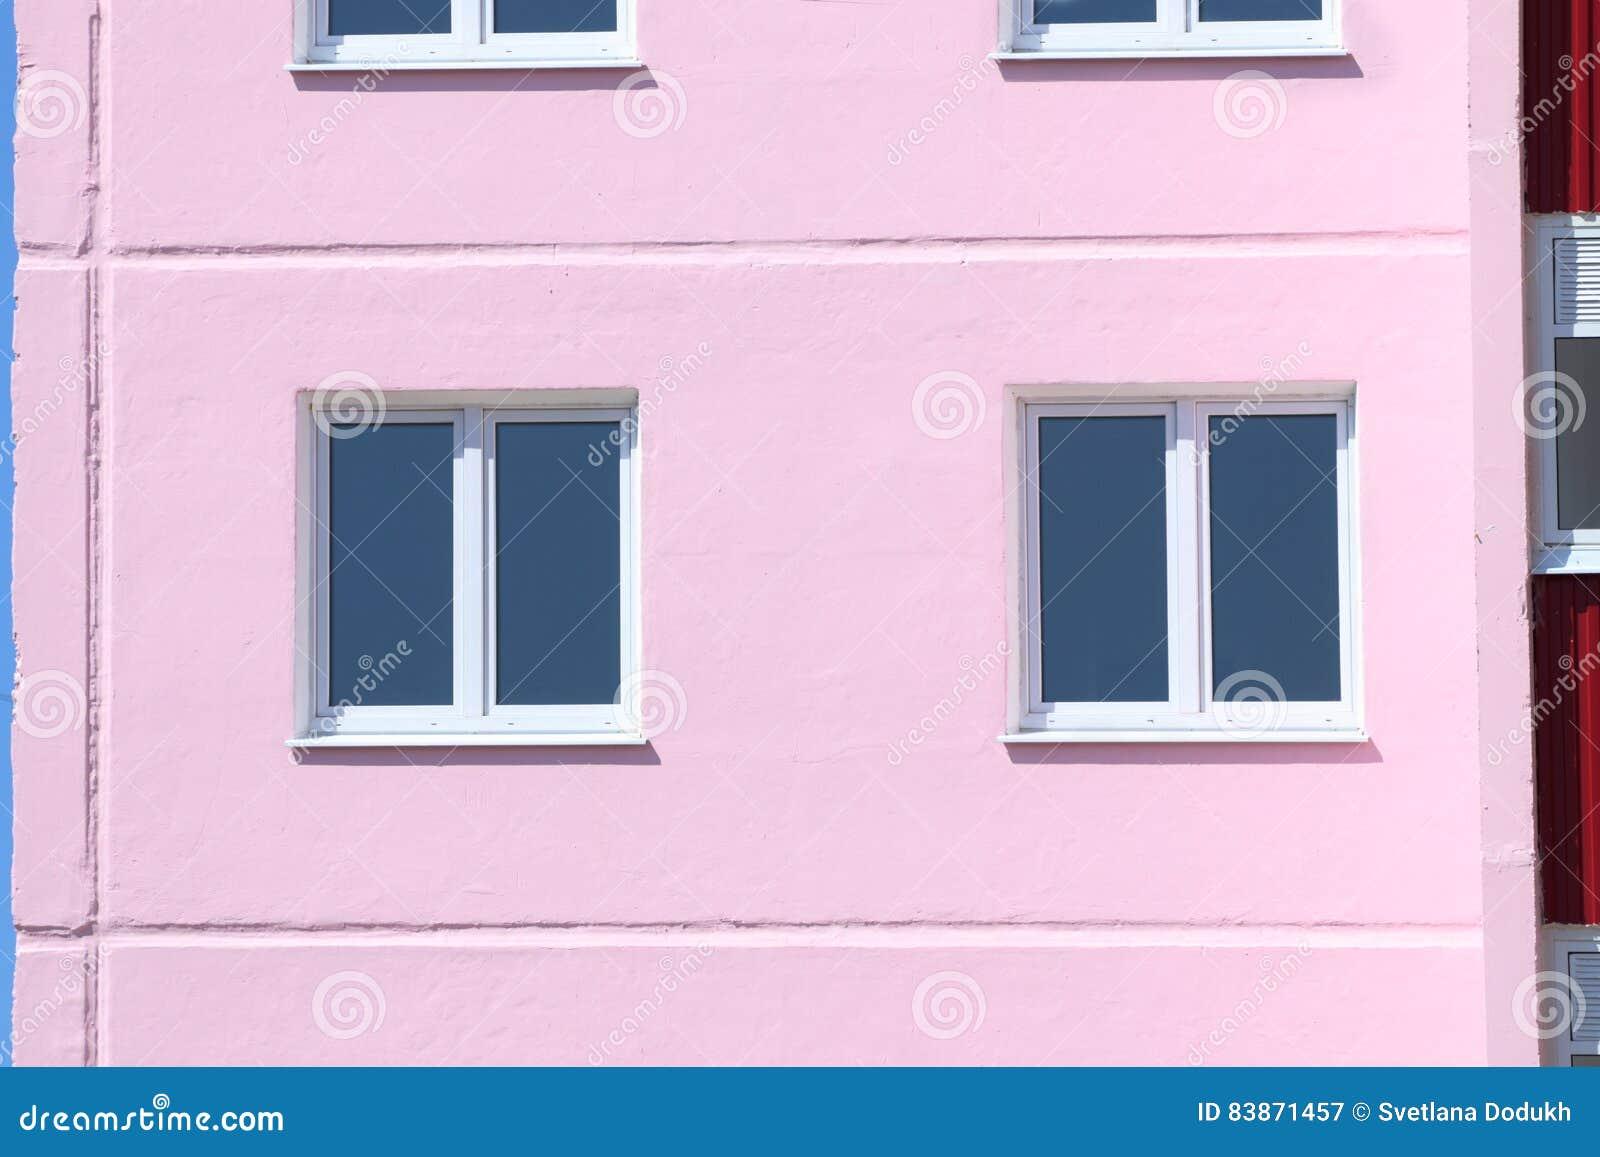 Del av bostads- byggnad med fönster med dubbel glazi